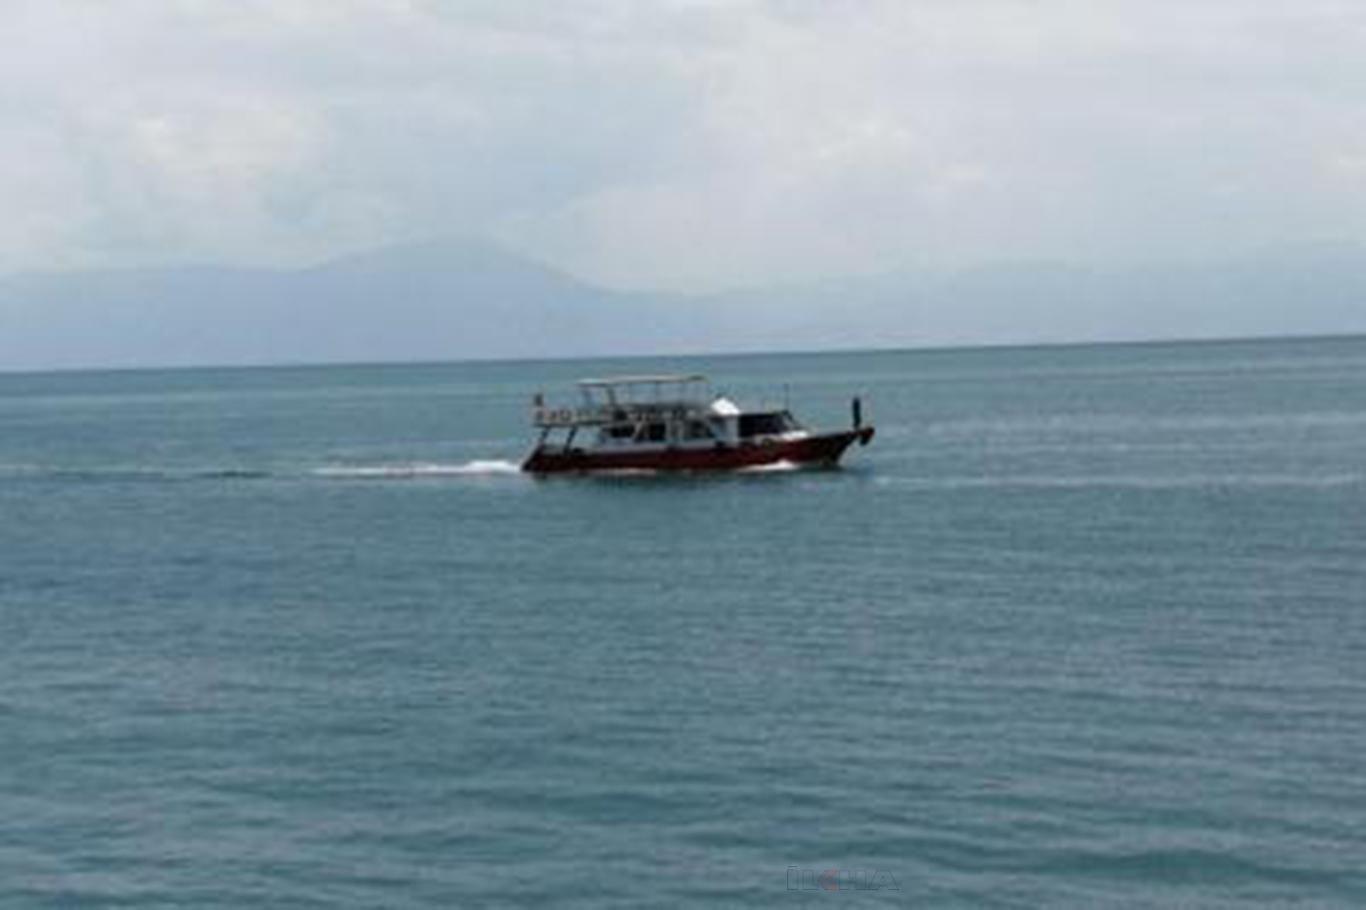 Van Gölü'nde batan tekneye ait yeni görüntüler paylaşıldı